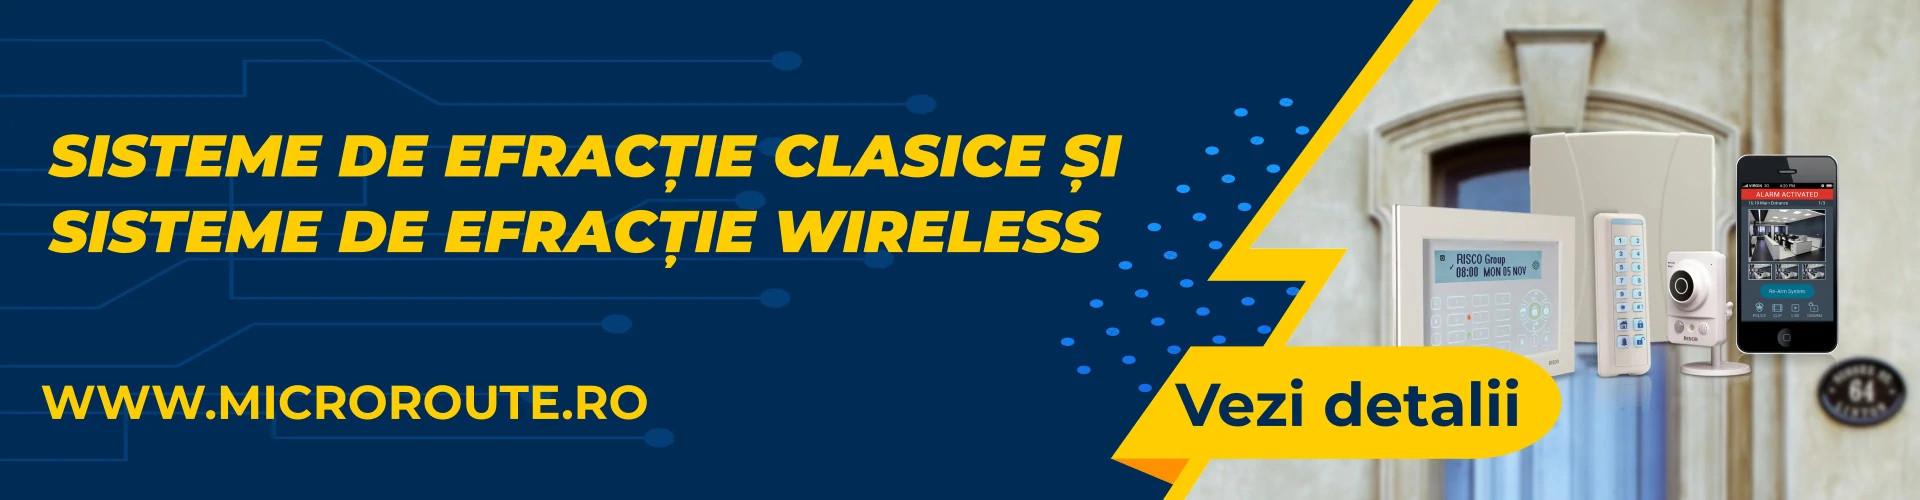 Sisteme de efractie clasice si sisteme de efractie wireless